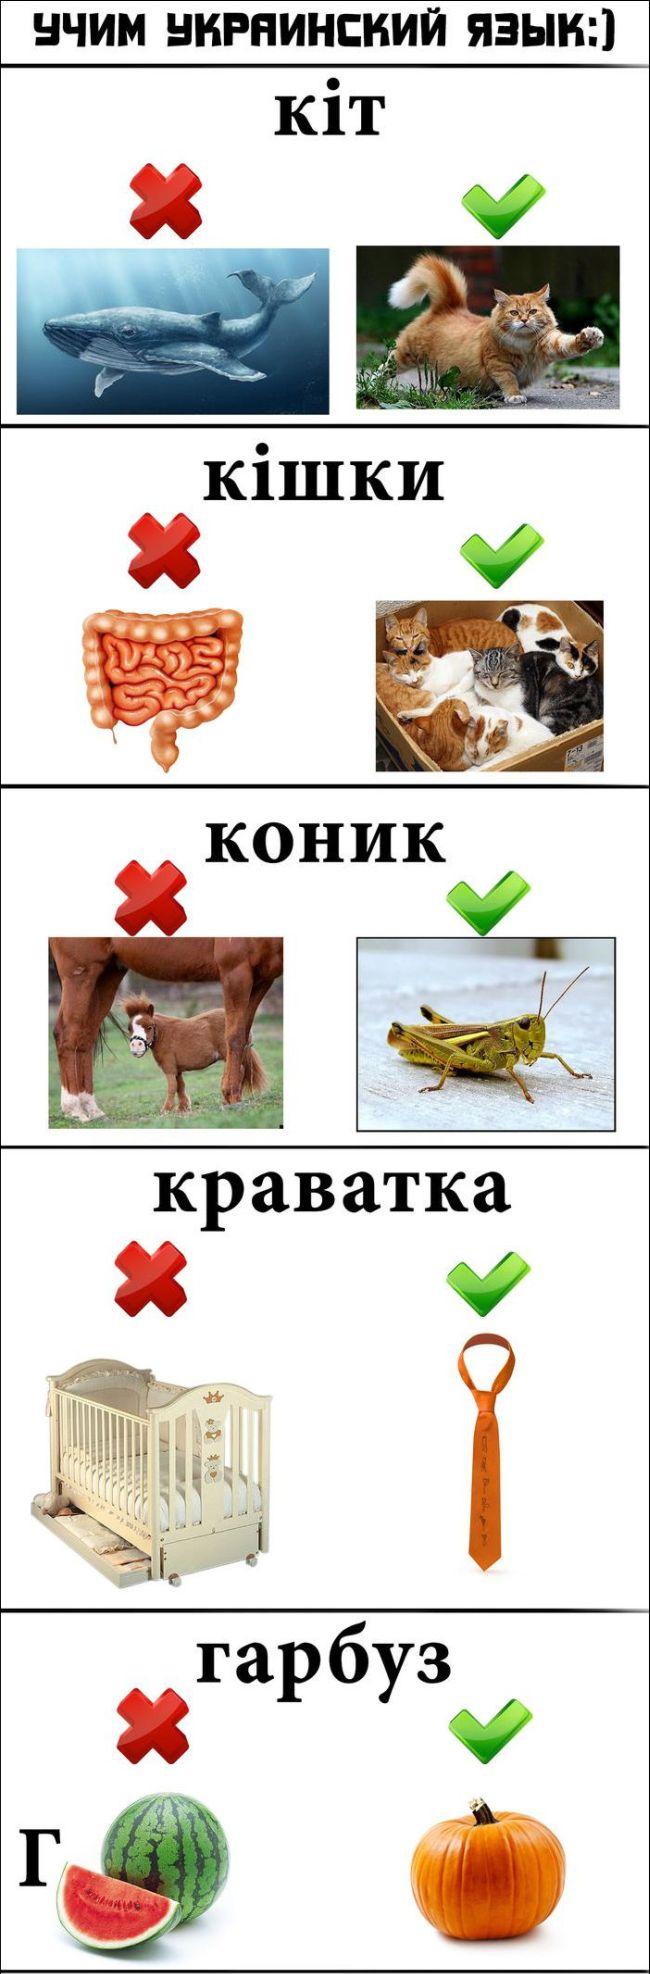 Забавные ассоциации при изучении иностранных языков (4 картинки)